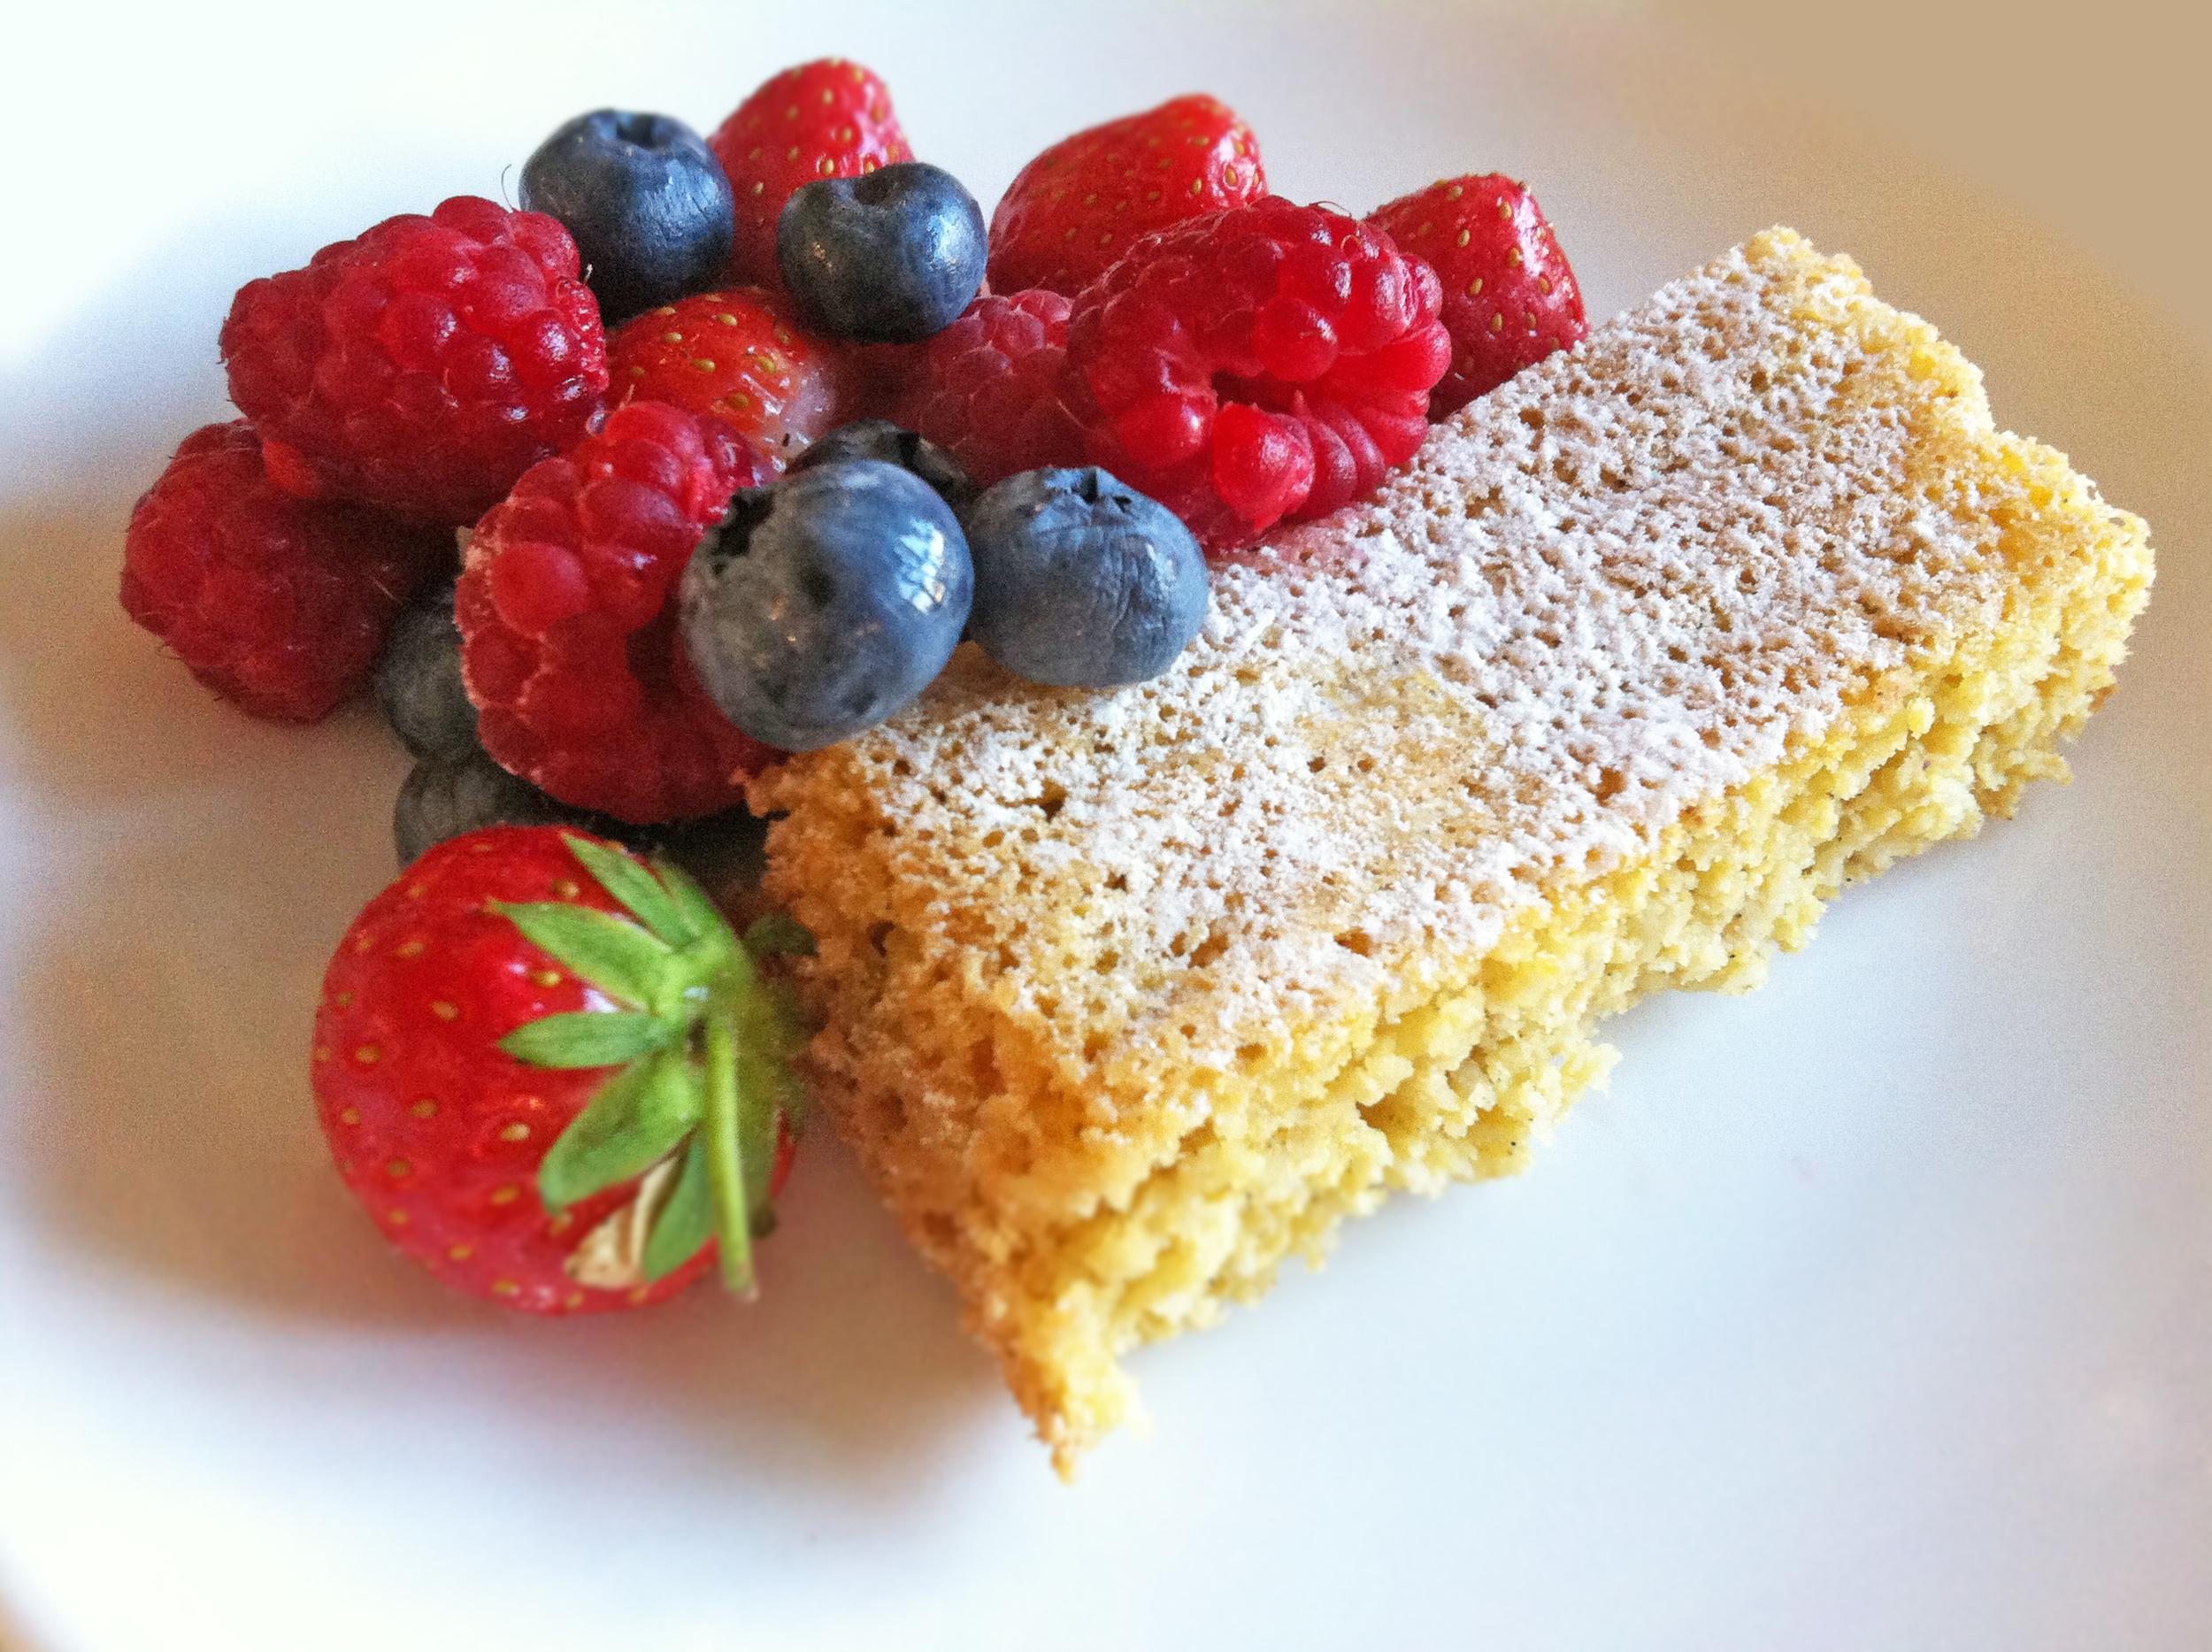 """Denne kaken er inspirert av en oppskrift fra Annika Rognebys """"Bakeglede uten sukker"""", med noen tilpasninger og justeringer"""